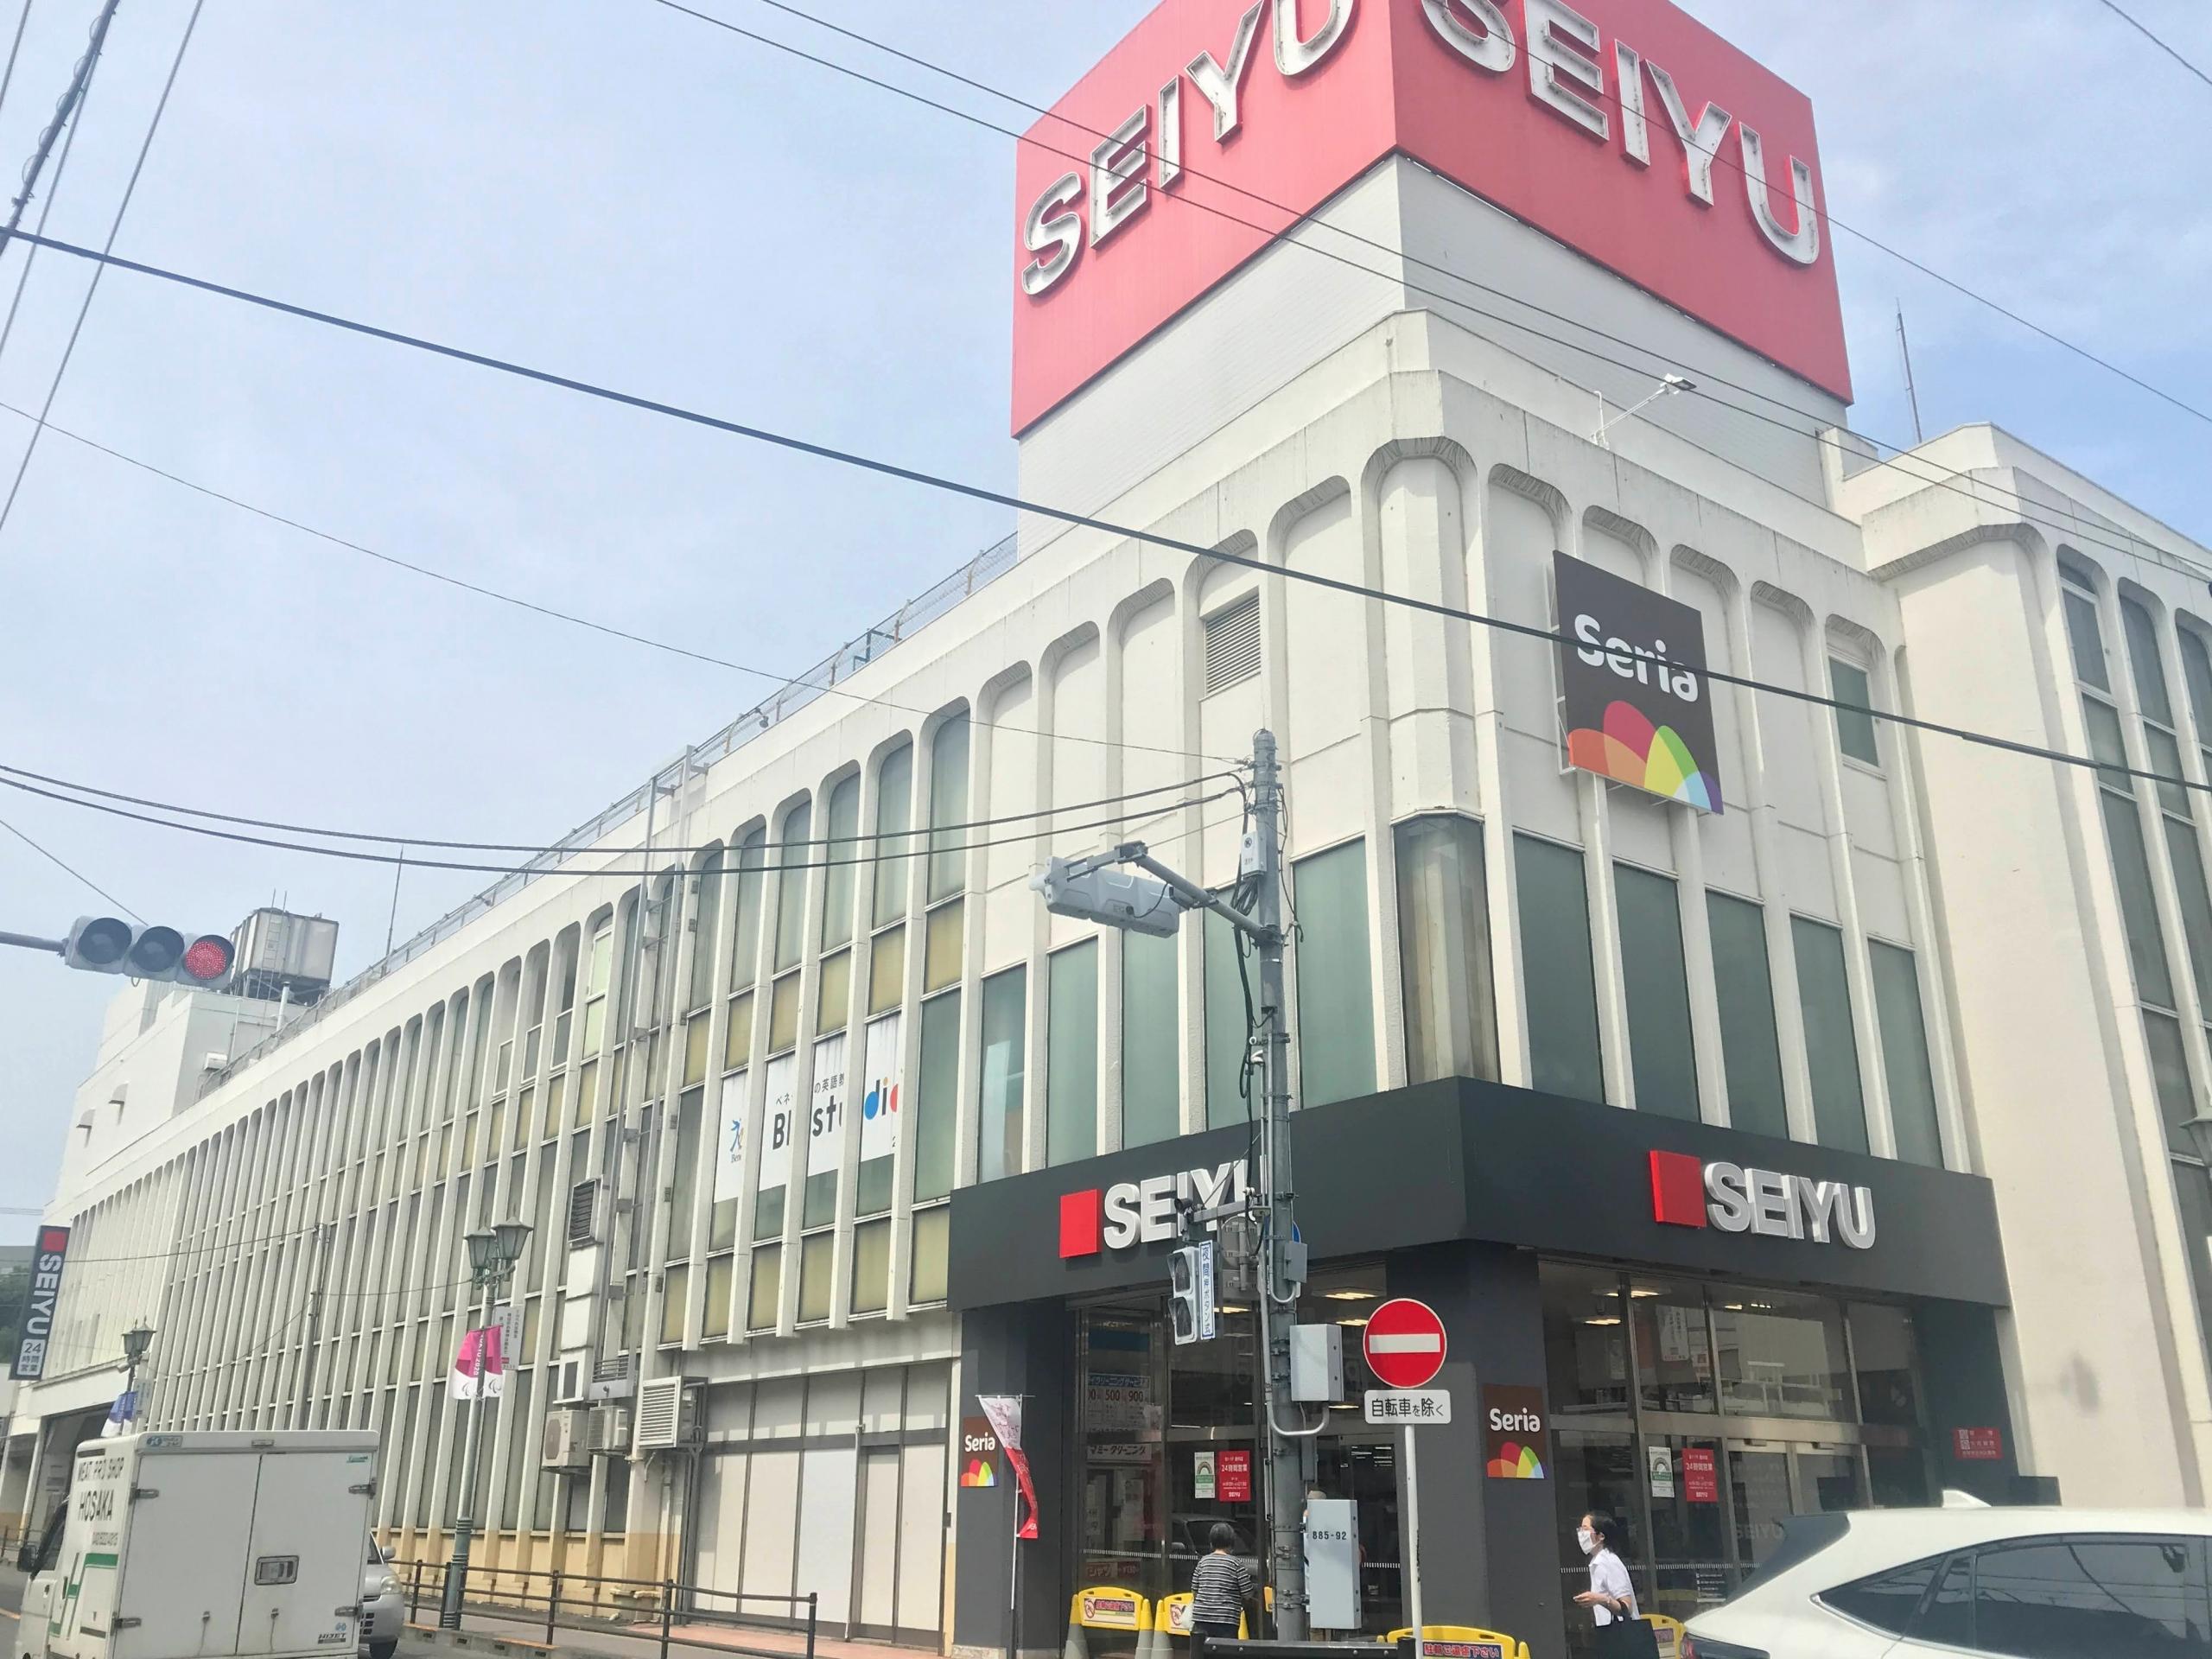 西友(スーパーマーケット)